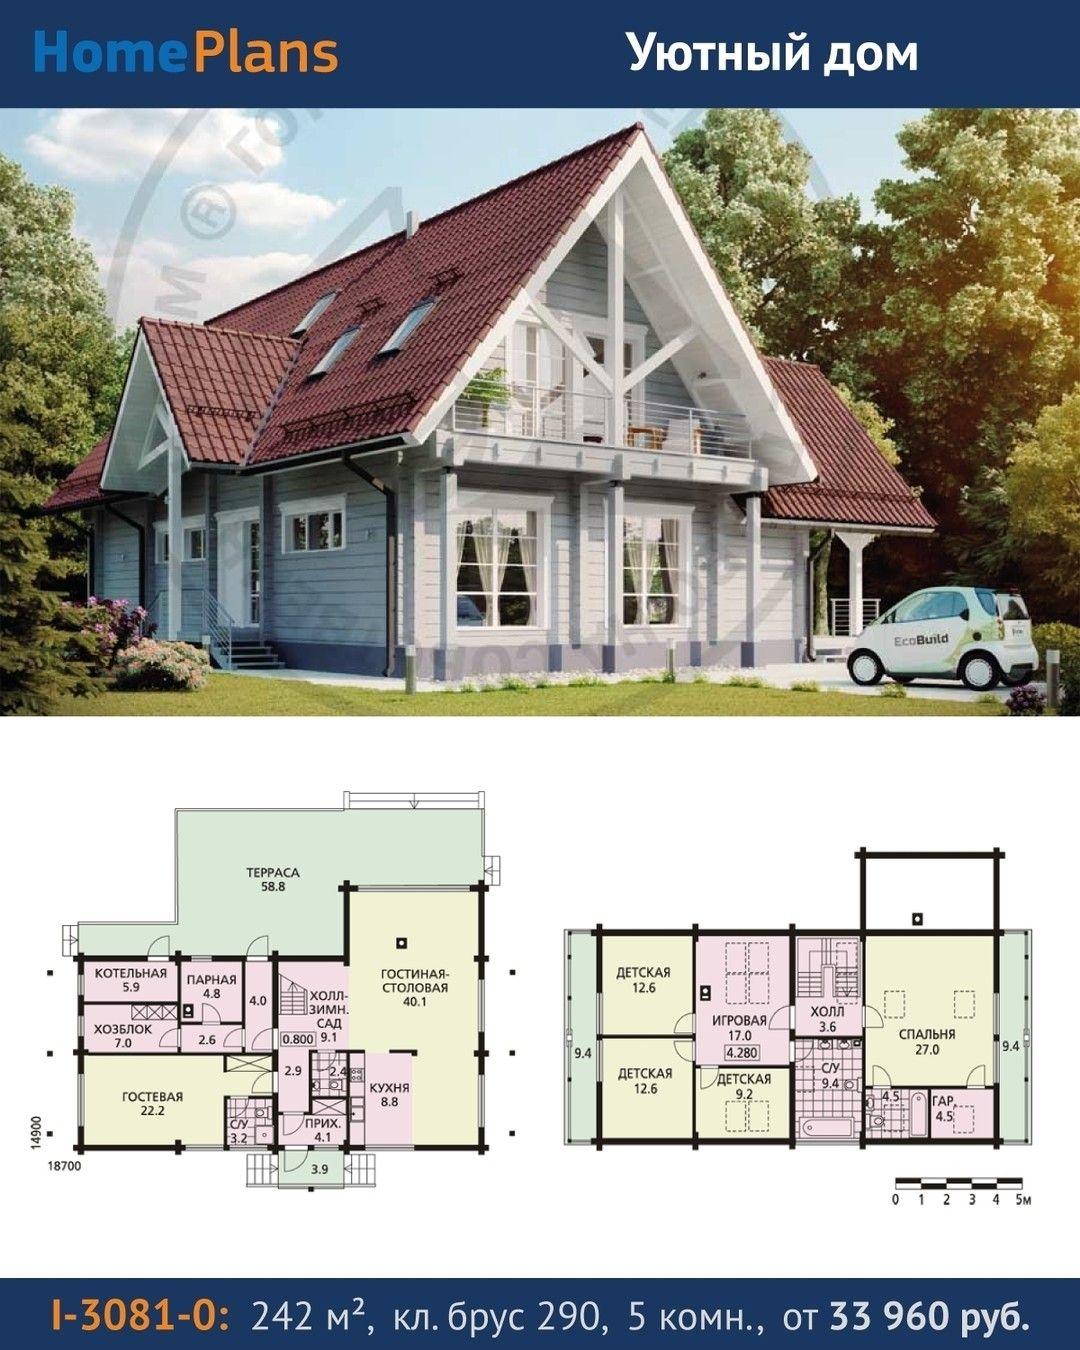 Hausdesign mit vier schlafzimmern Проект i Уютный дом на все времена Если у вас большая семья